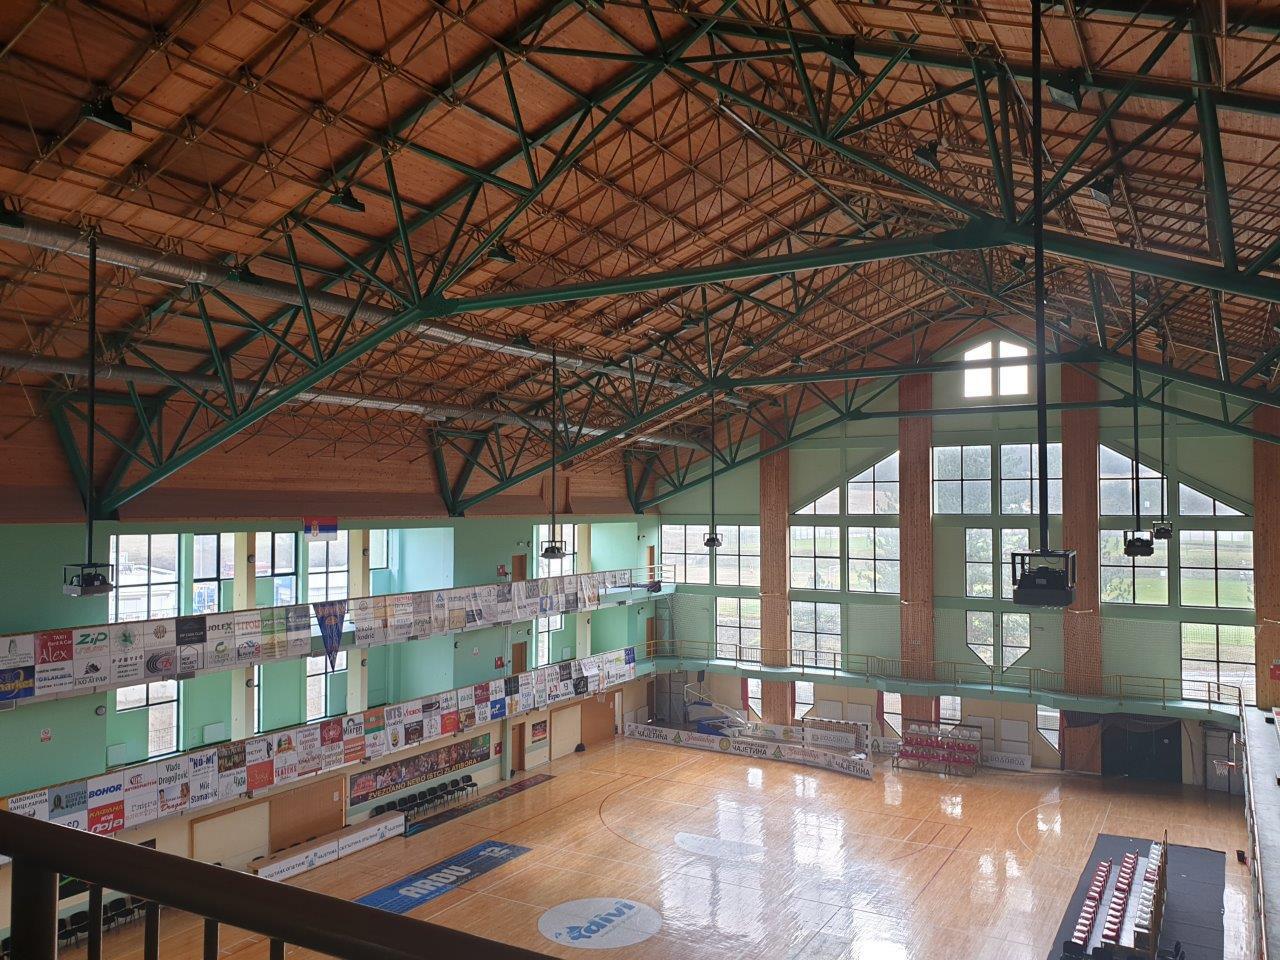 Sportska-dvorana-sa-montiranim-destrifikatorima